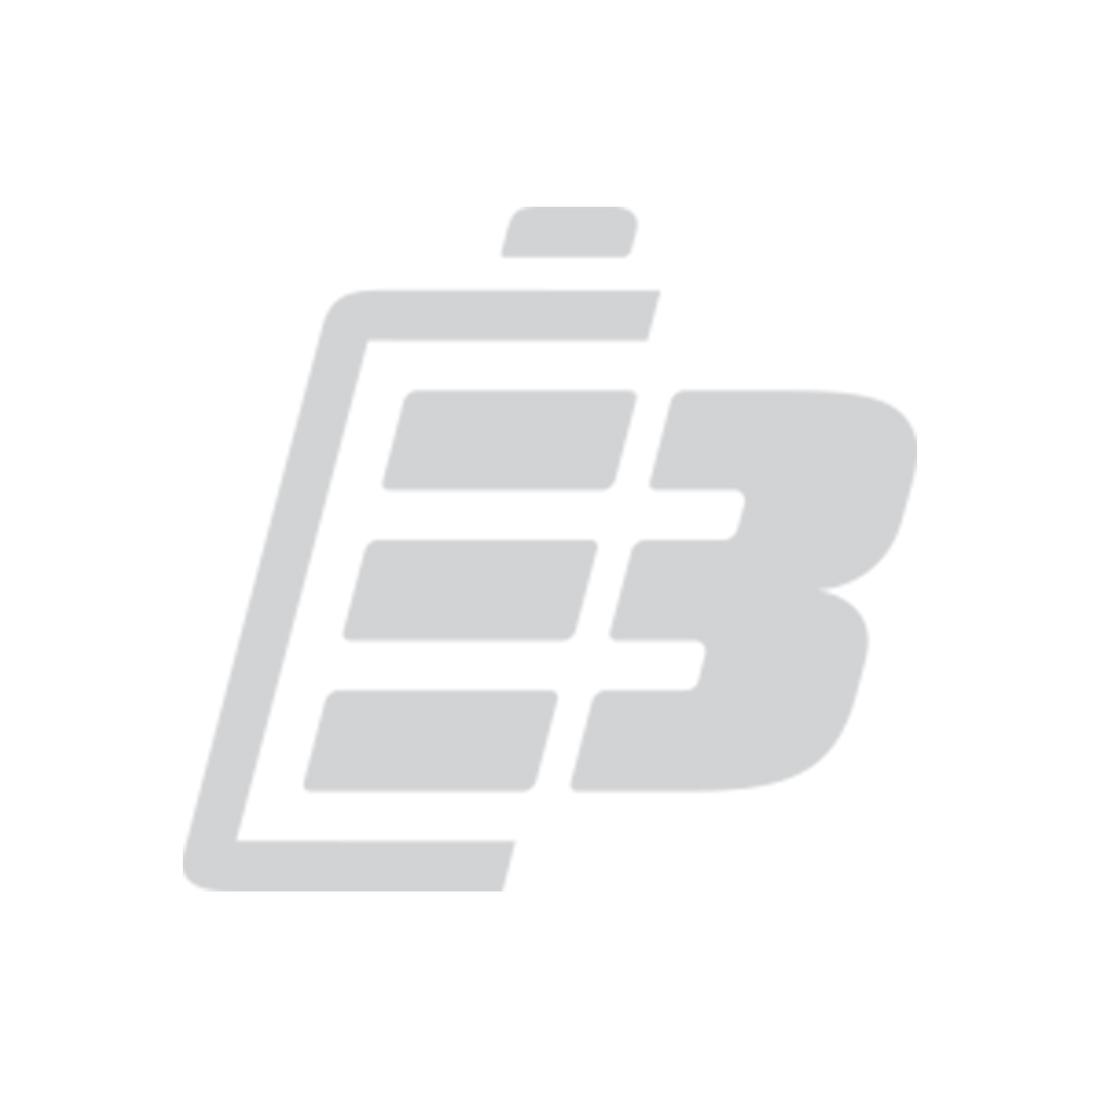 Μπαταρία κινητού τηλεφώνου LG VX5200_1